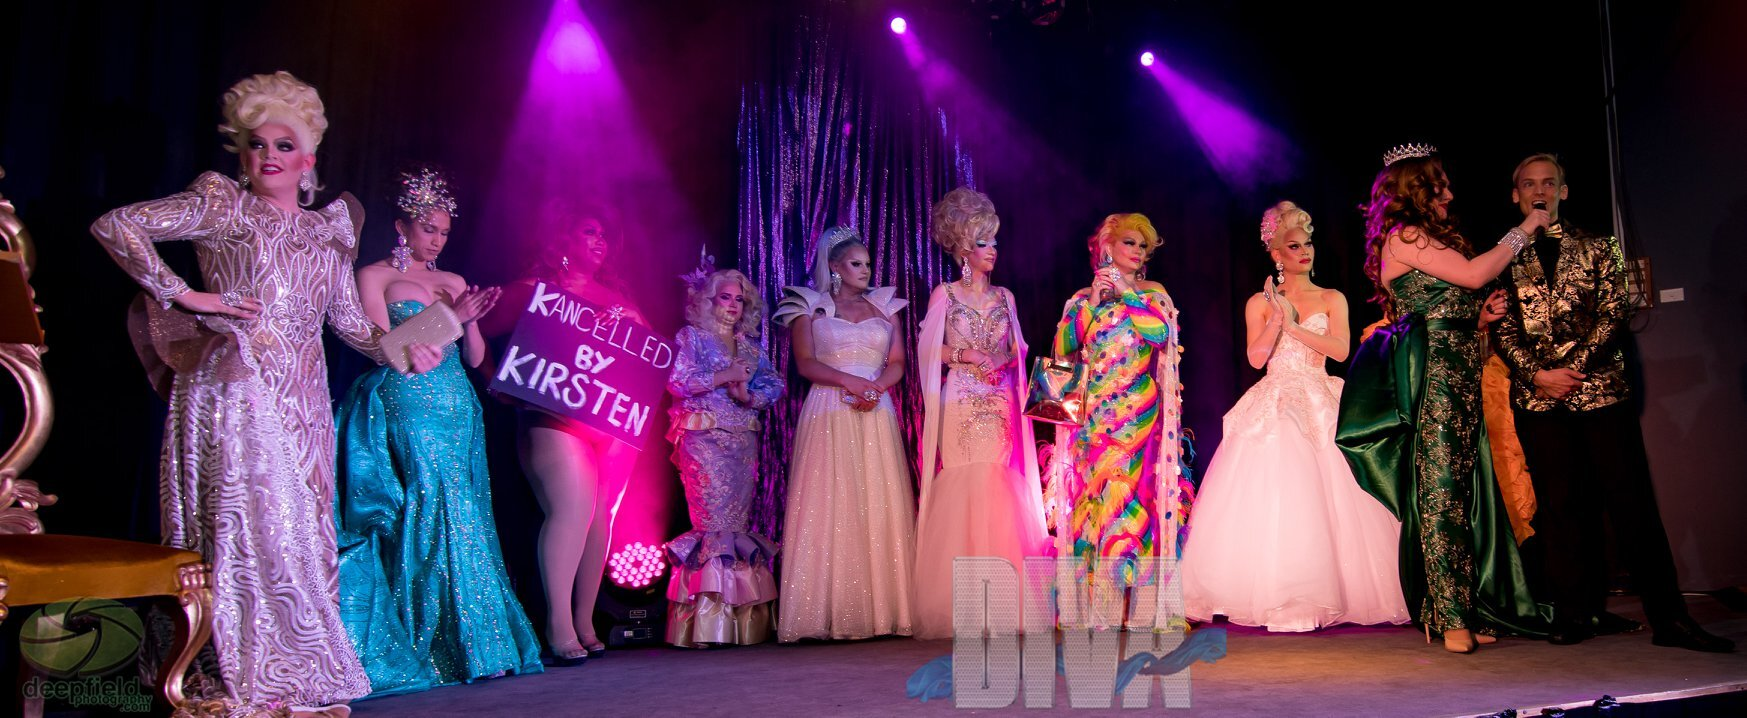 bell-of-the-charisma- belle-carmen-geddit-diva-awards-sydney-drag-queen-royalty-best-hire-drag-race-australia.jpg